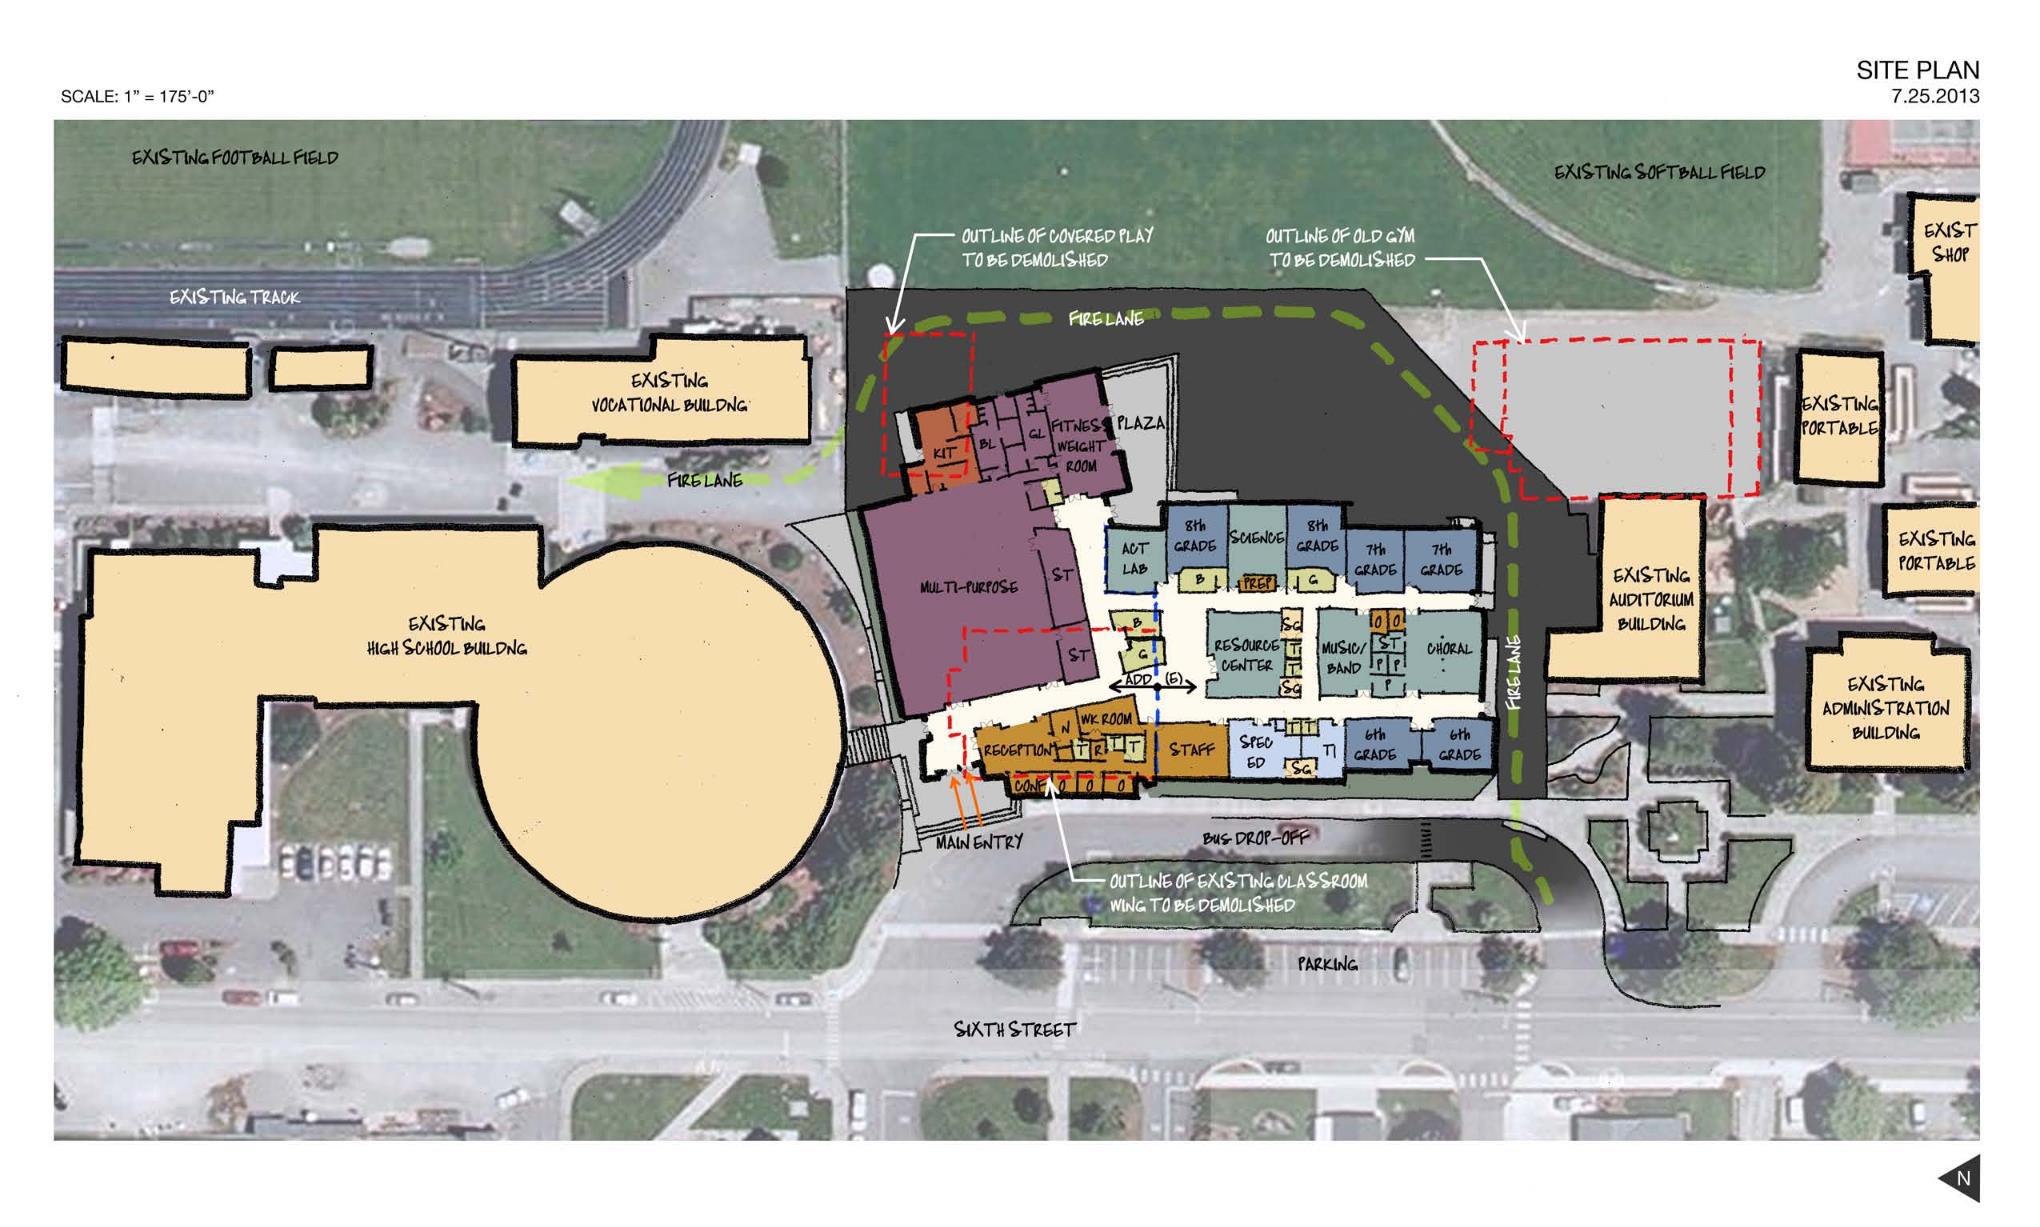 Site plan for La Conner School District.